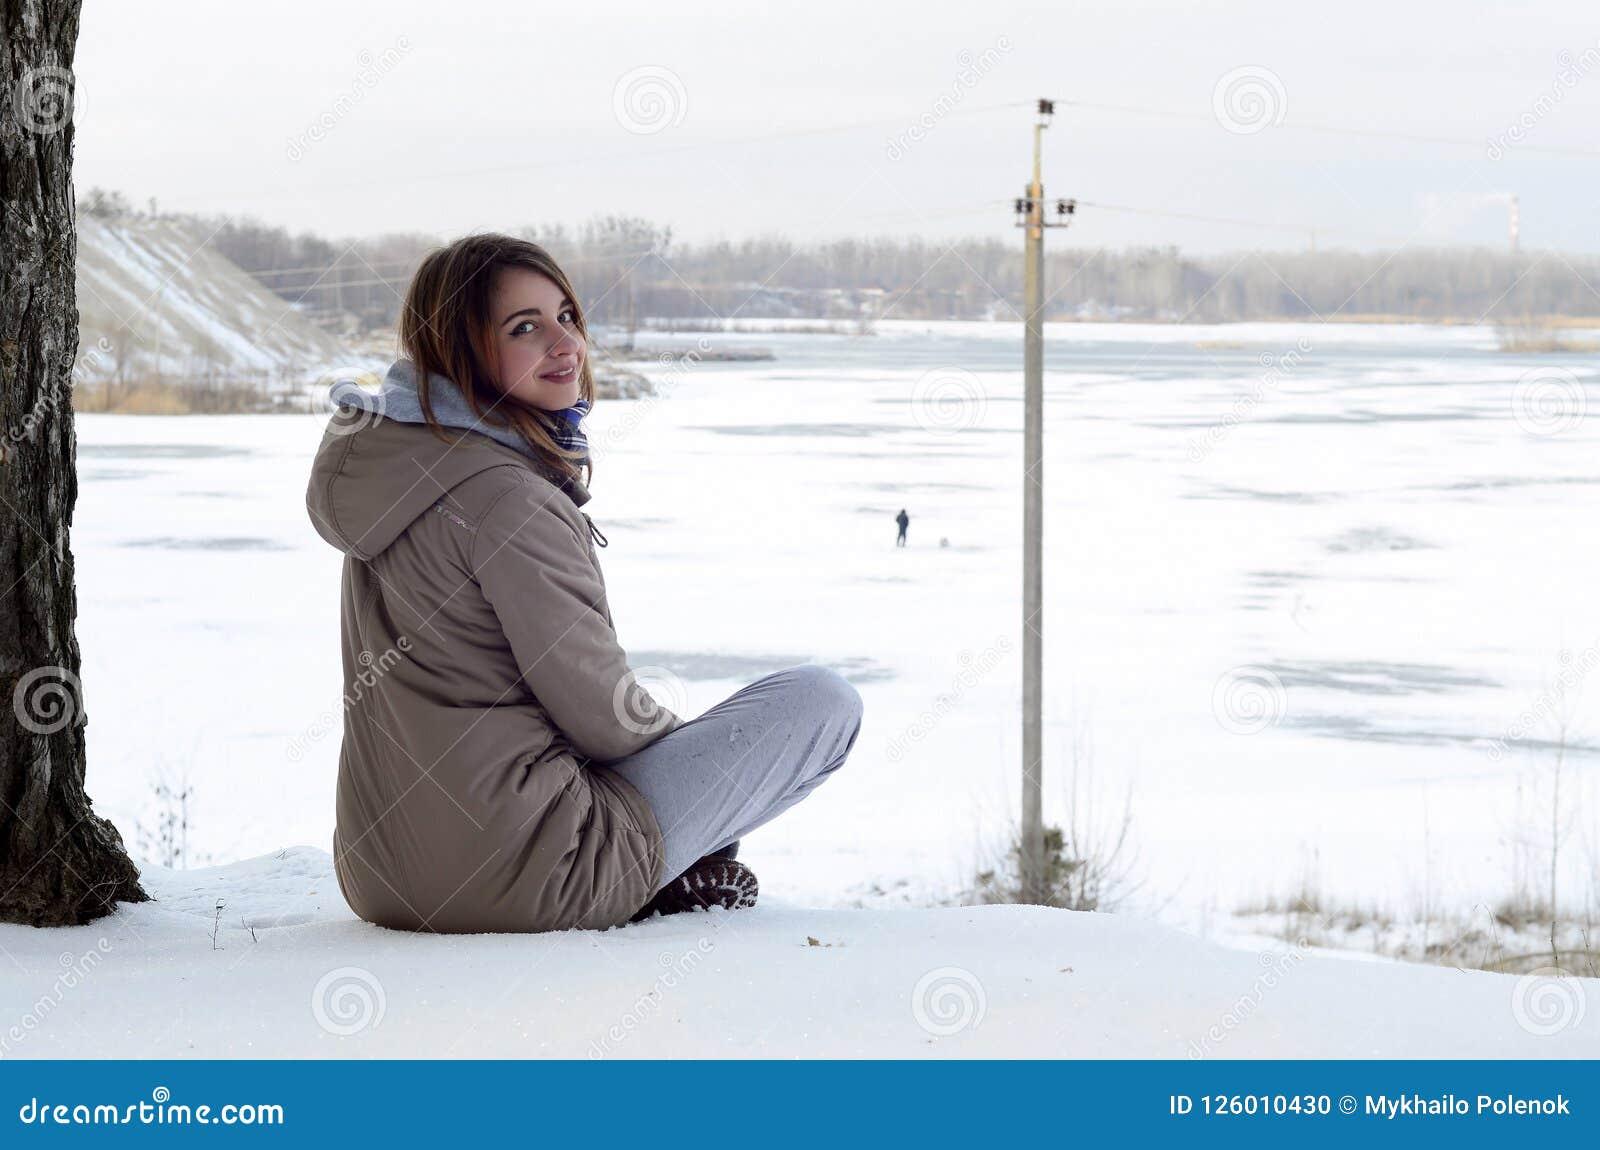 一件棕色外套的一个年轻白种人女孩在峭壁附近在天际线的背景中坐在天空之间的